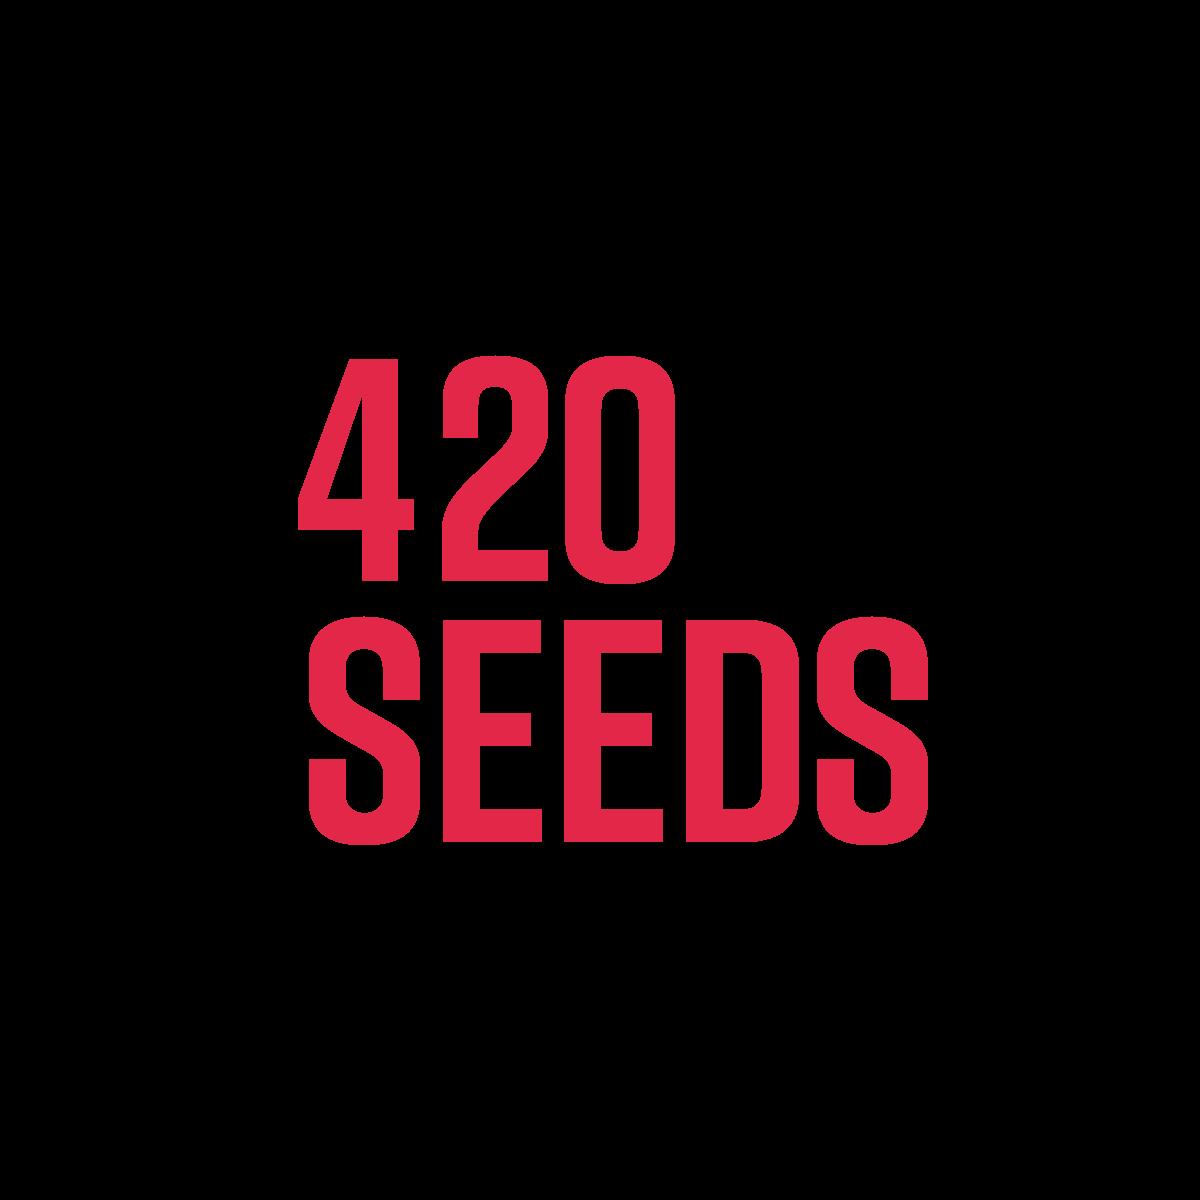 420 Seedbank